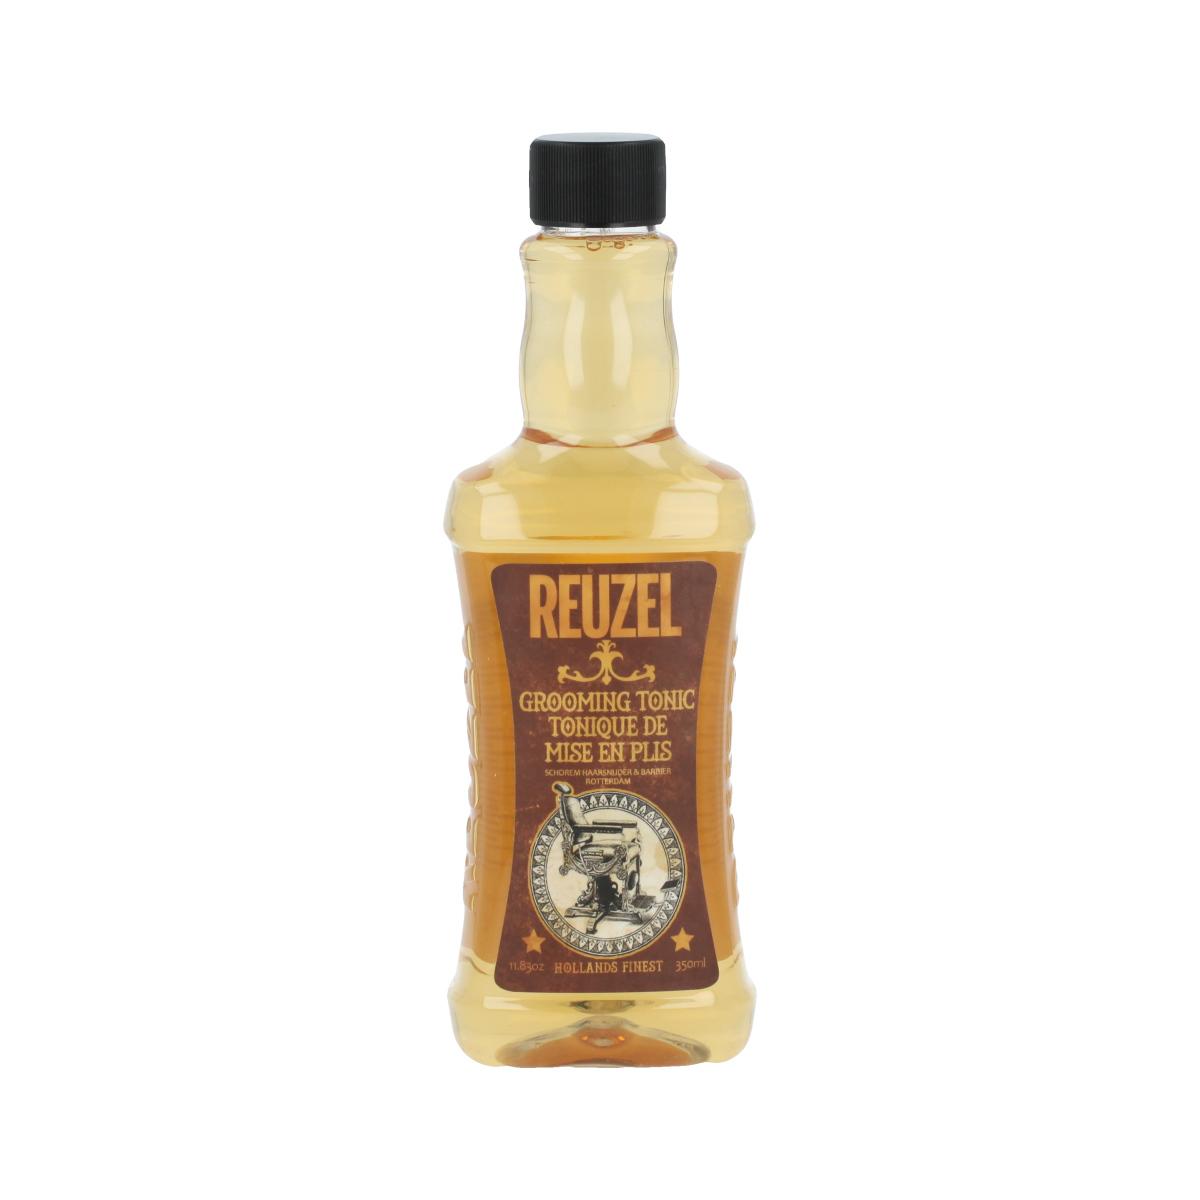 REUZEL Grooming Tonic 350 ml 14468